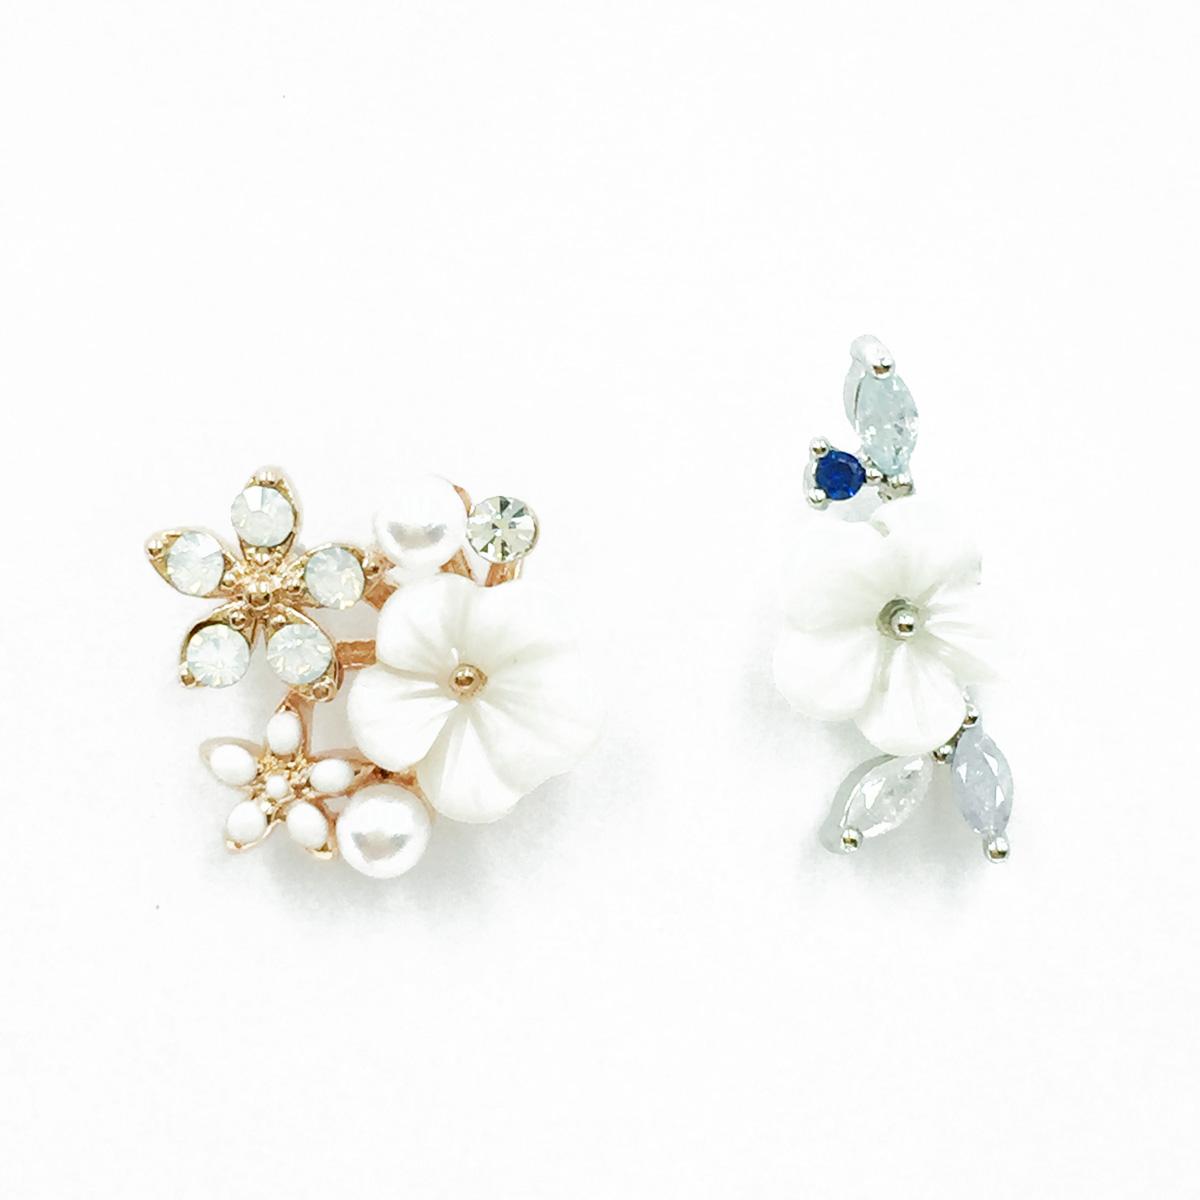 韓國 不鏽鋼 水鑽 小白花 珍珠 單支後轉 耳針式耳環